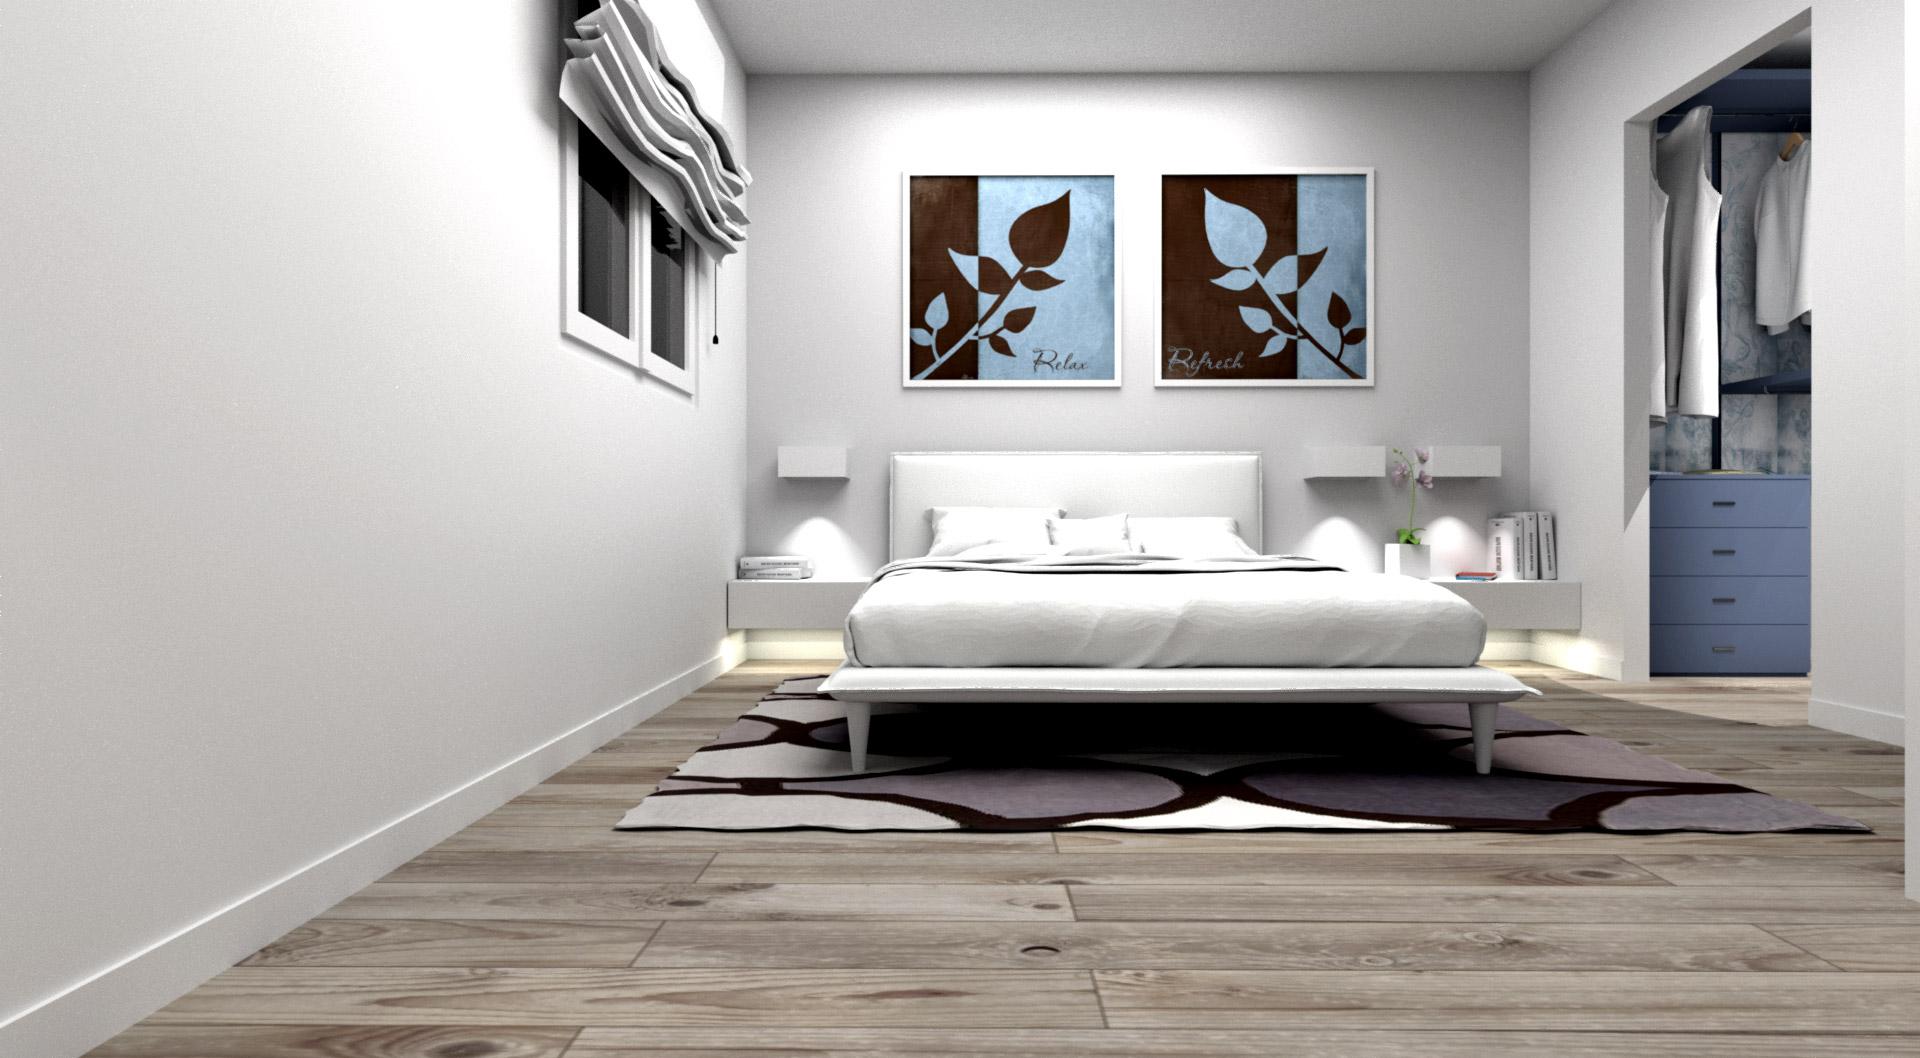 camera da letto moderna bianca